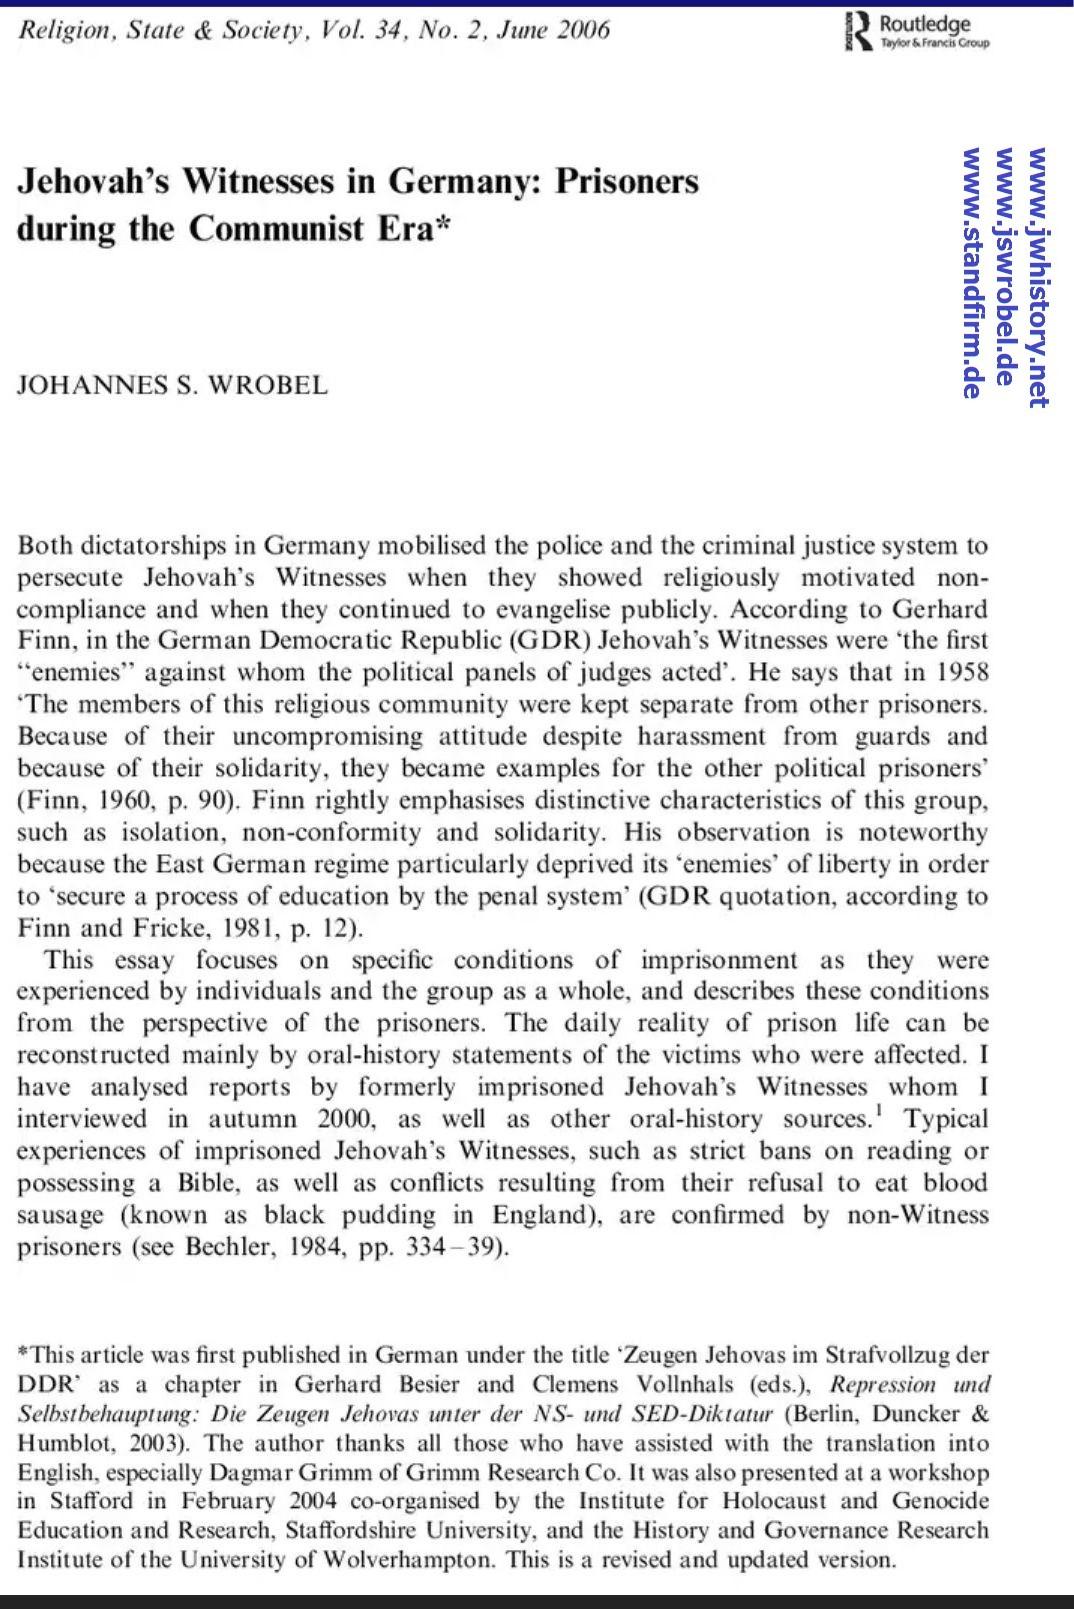 Extern: Fachartikel in Englisch (DDR-Strafvollzug)